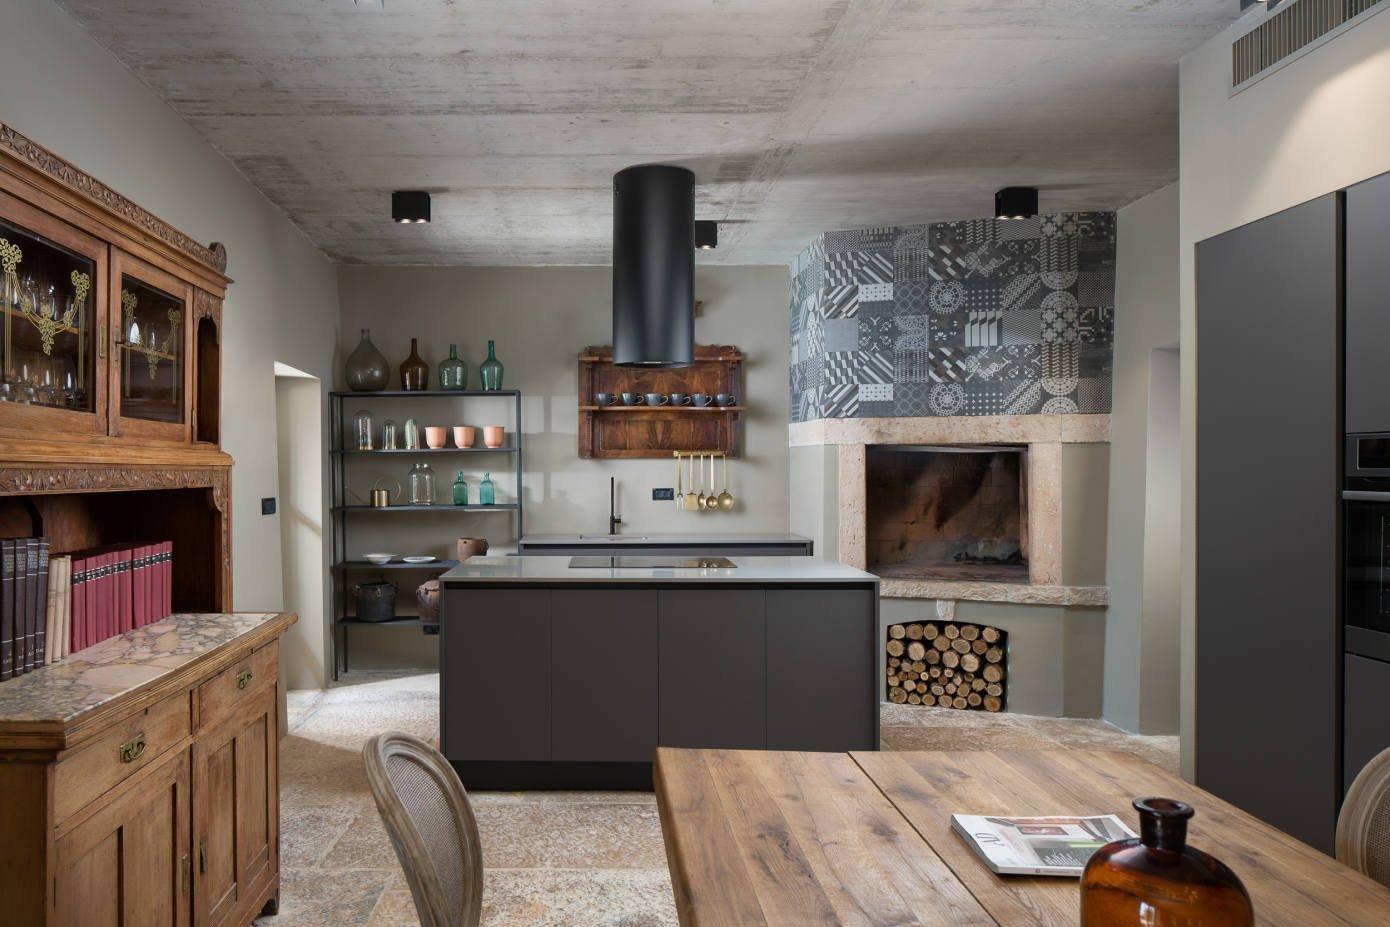 Okouzlující Villa Covri z rukou jednoho z nejpřednějších chorvatských designérů Borise Ruziće se nachází nedaleko nádherného města Novigrad. Vila získala své jméno po istrijské vesnici Covri, kde se nachází, pouhé 4 km od nejbližší pláže. Vila je opravdu ideálním místem na odpočinek a relax s rodinou.